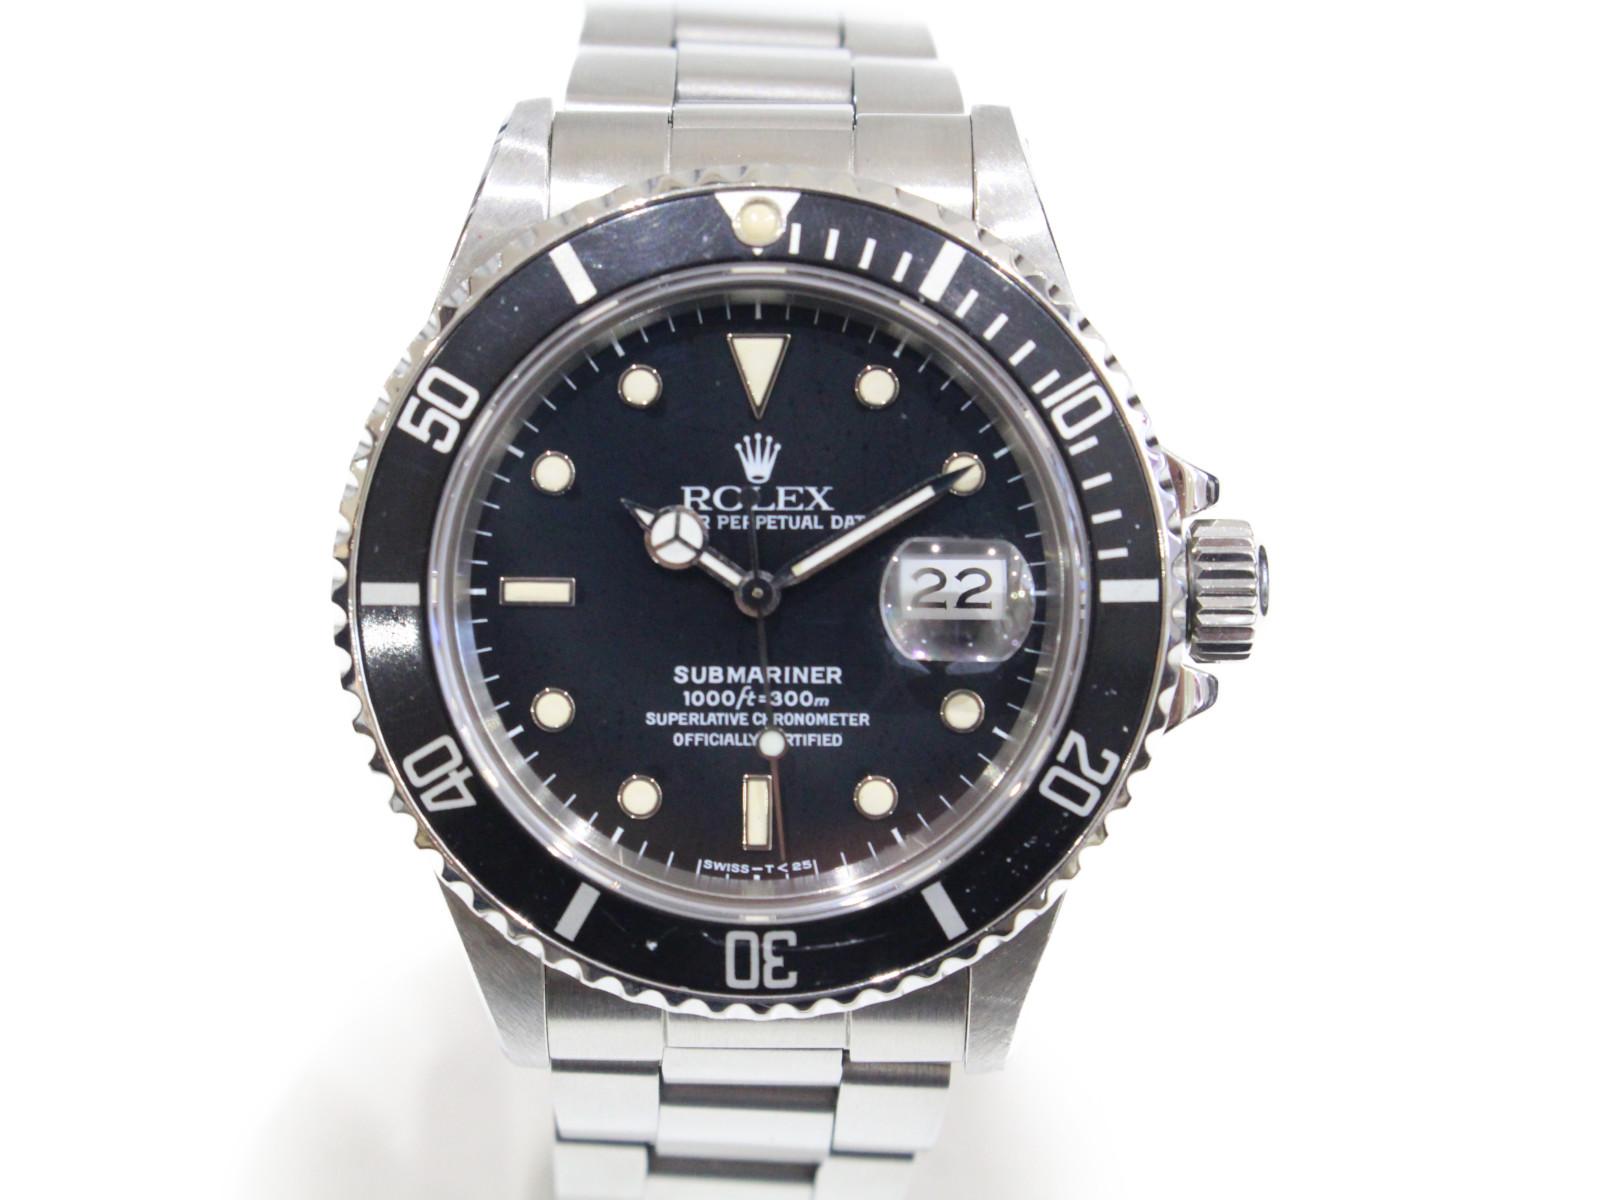 【トリプルゼロ】ROLEX ロレックス サブマリーナーデイト 168000 R番 自動巻き デイト SS ステンレススチール ブラック メンズ 腕時計【中古】